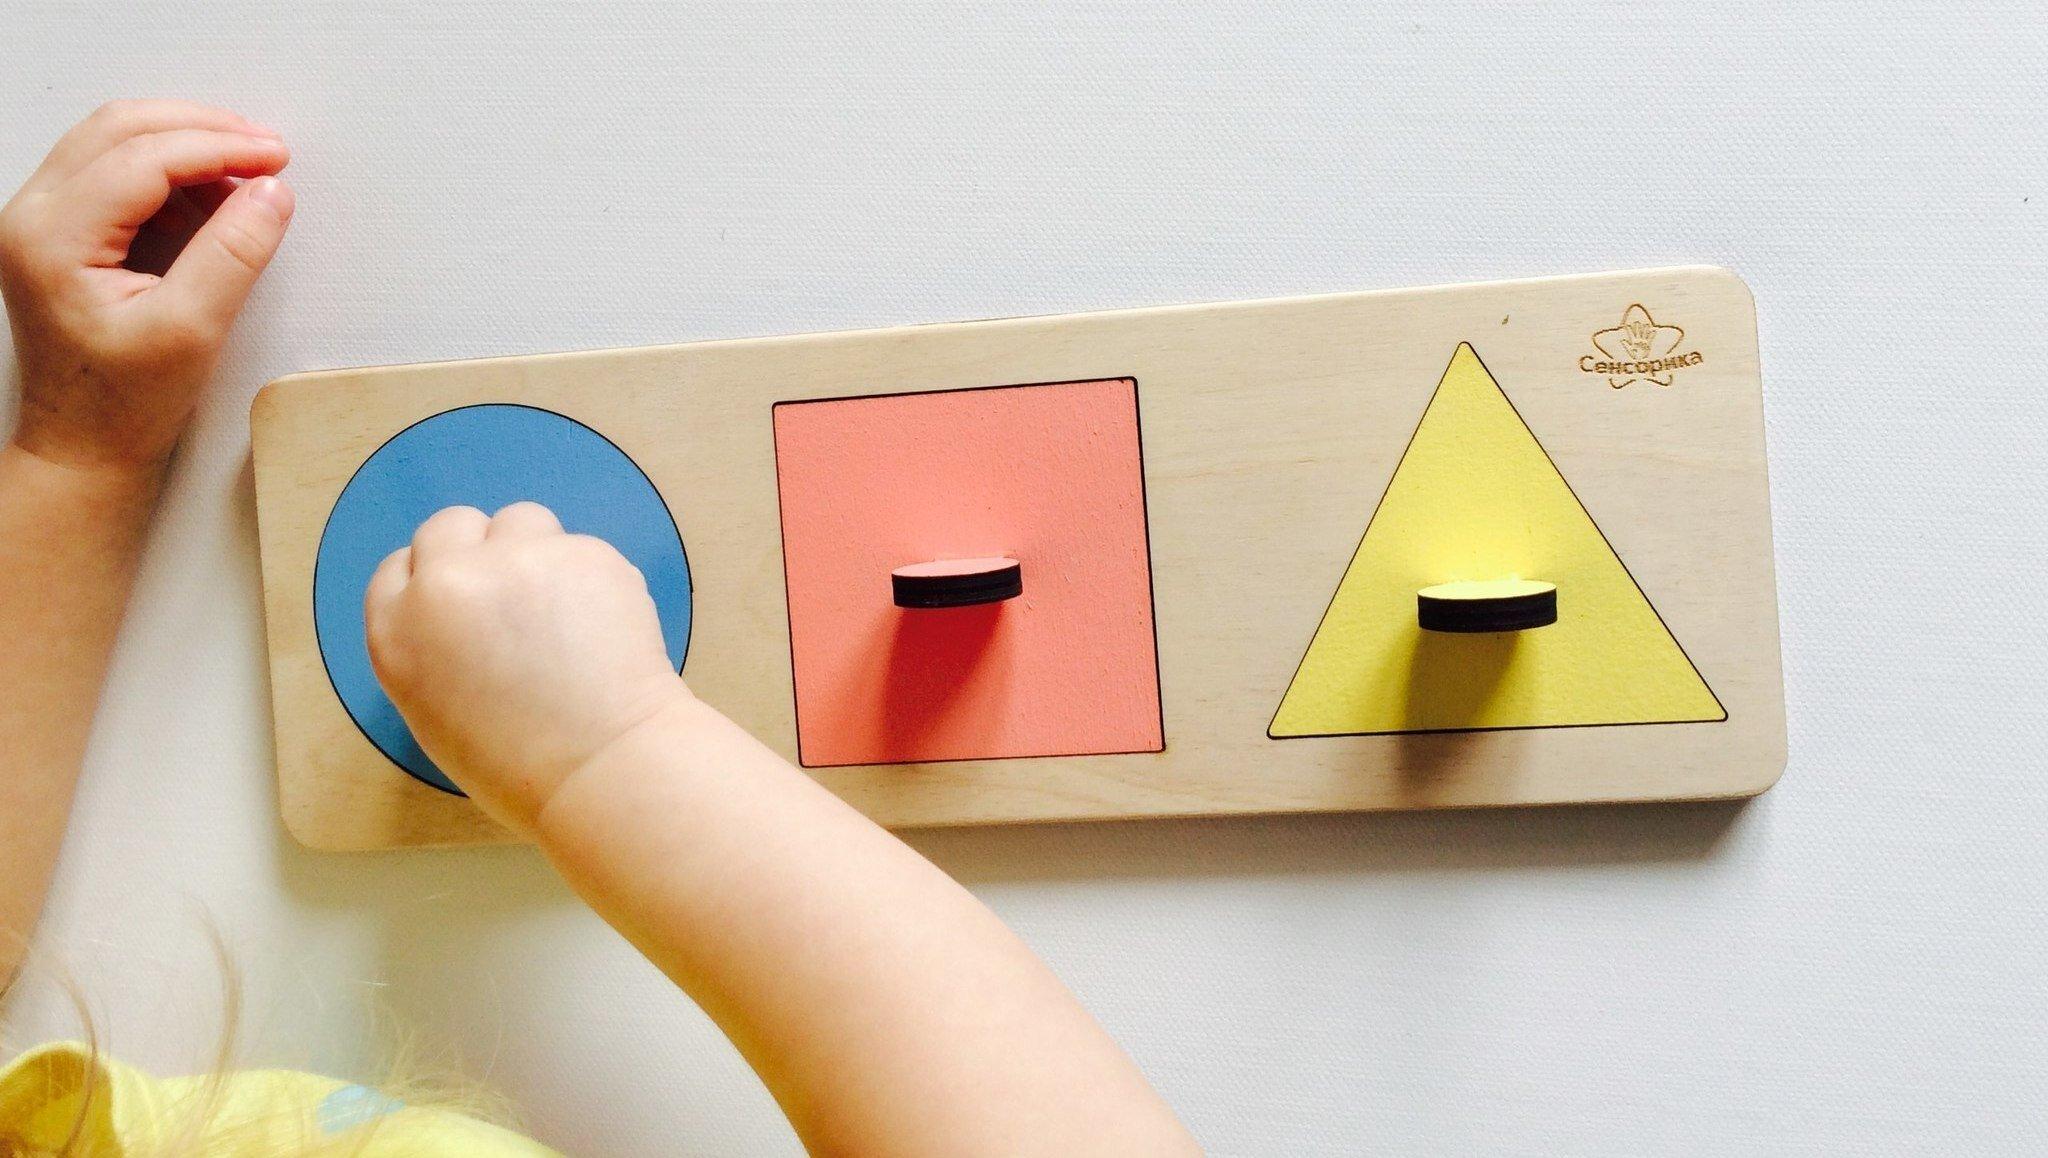 Математичка для детей геометрические фигуры